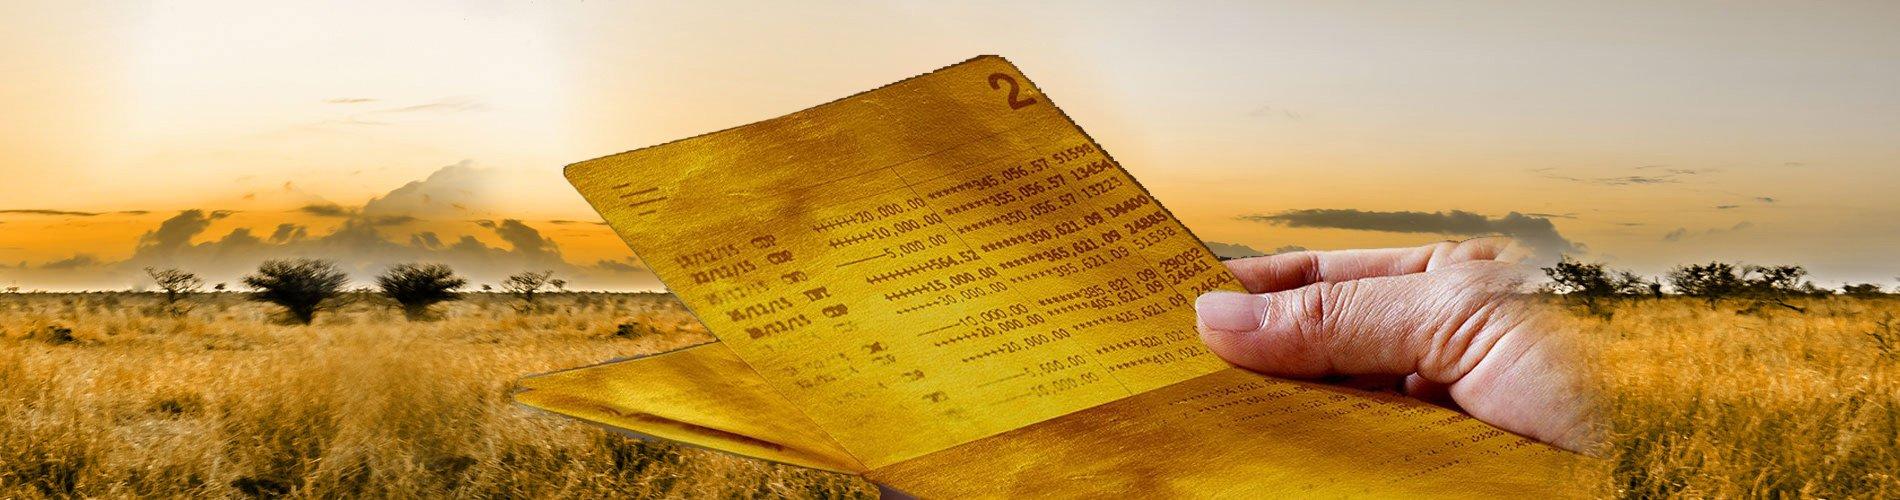 Degussa Goldsparplan